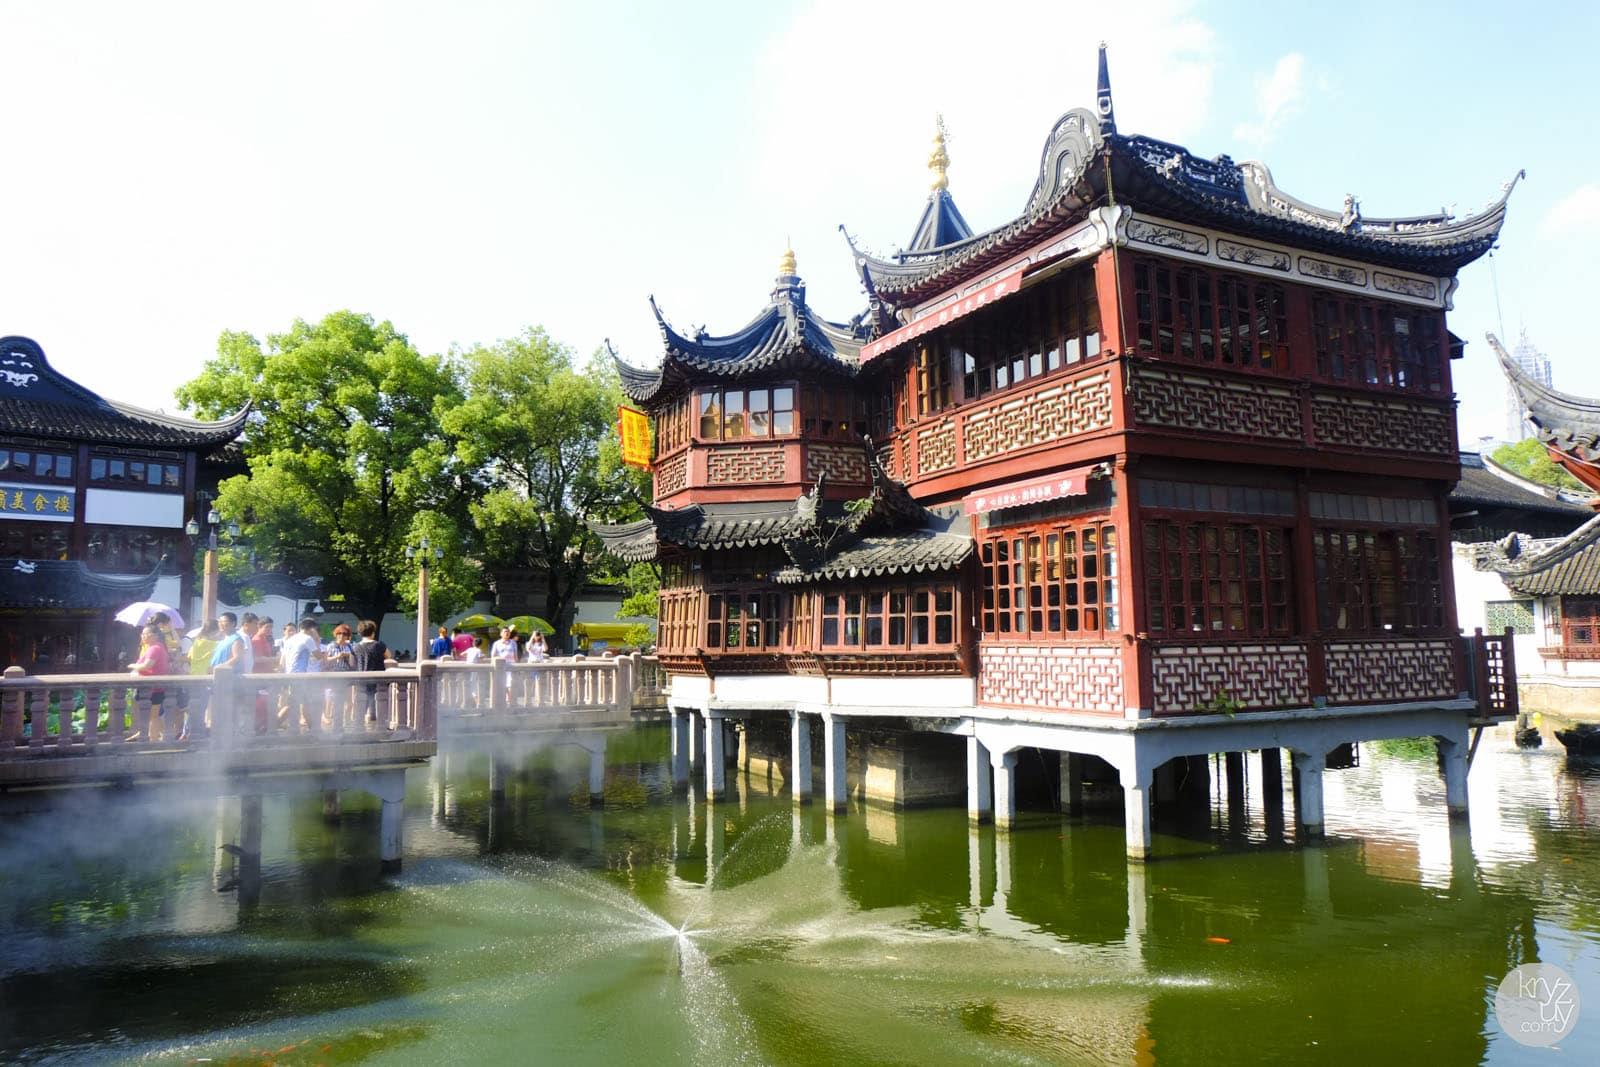 100 Yuyuan Garden 187 Best Images